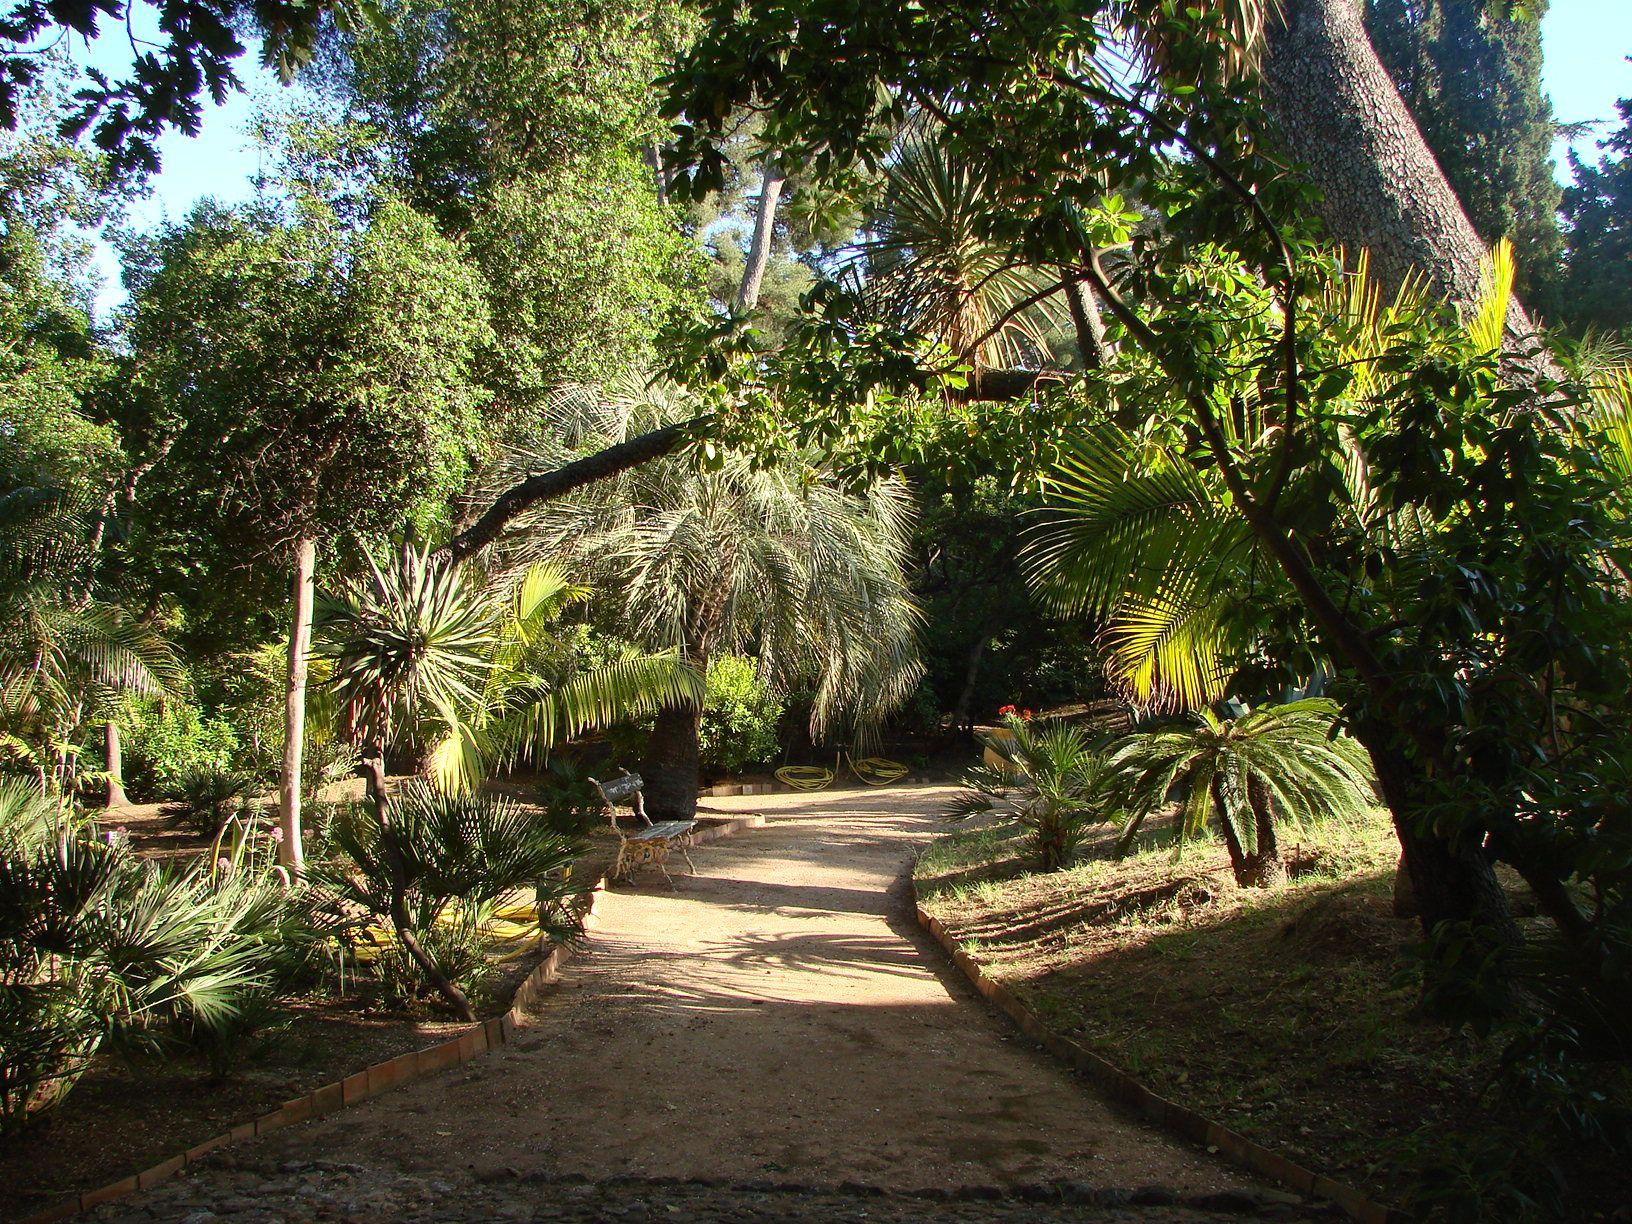 Parcs et jardins parc du plantier de costebelle for Parc et jardin